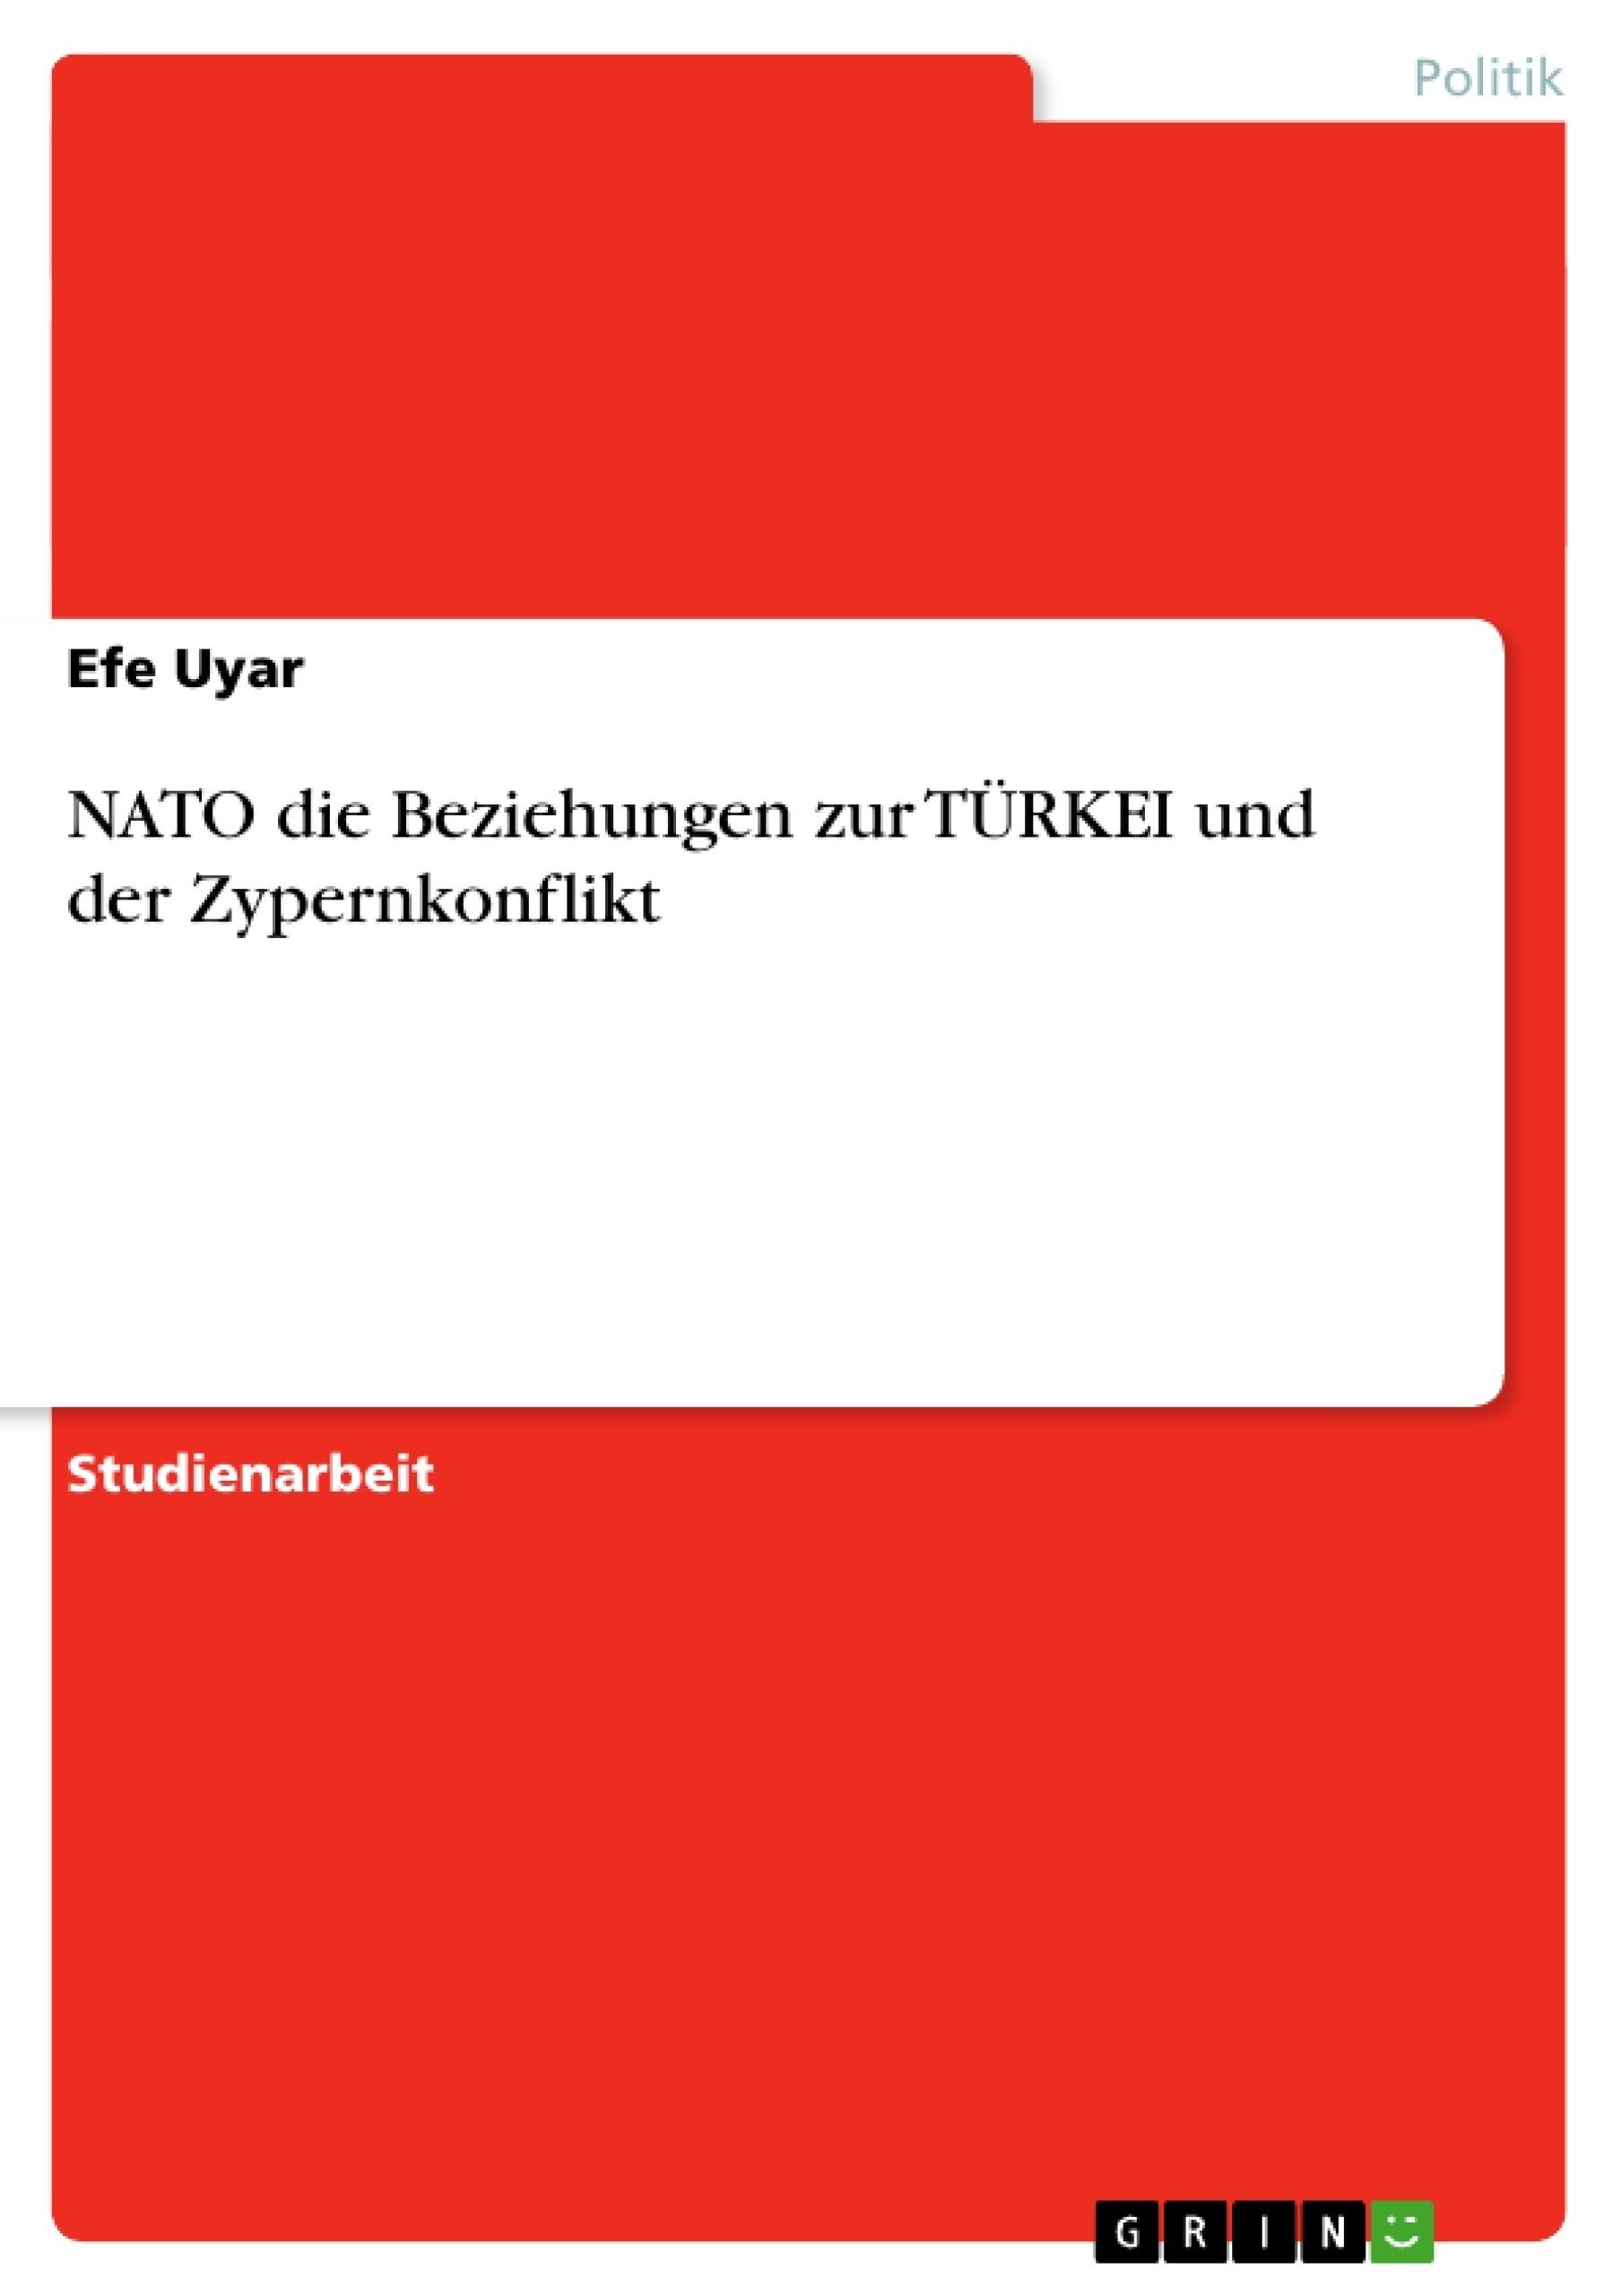 Titel: NATO die Beziehungen zur TÜRKEI und der Zypernkonflikt